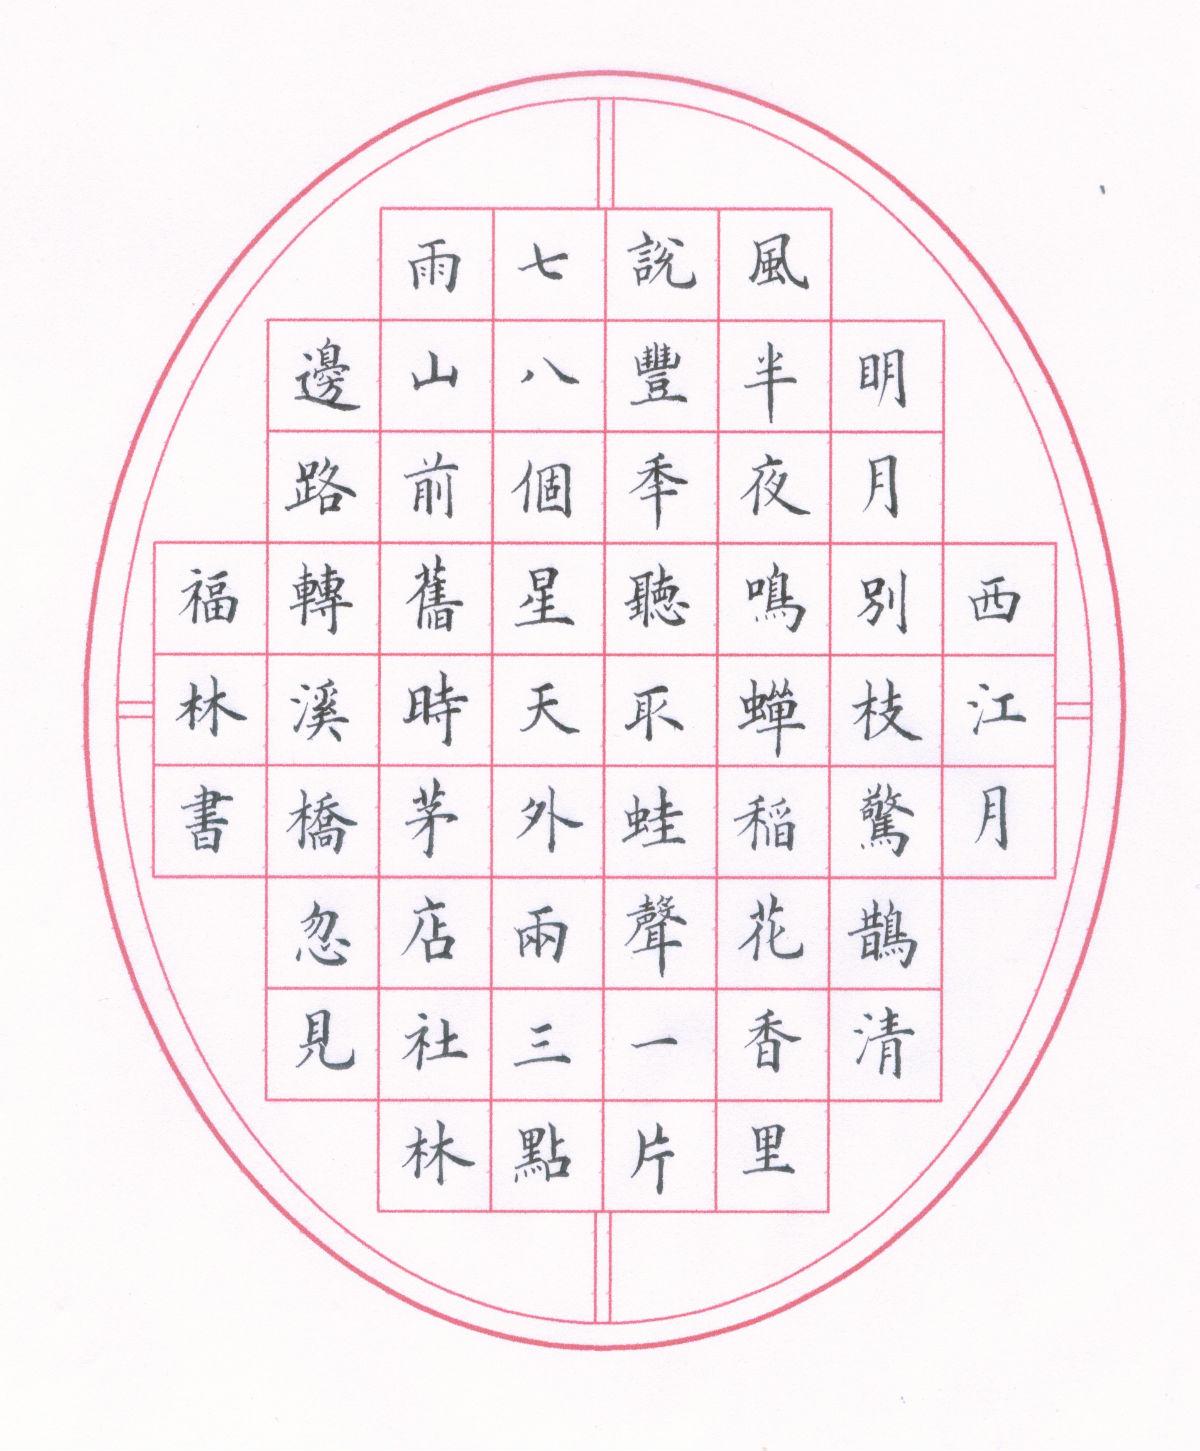 硬笔楷书笔画 视频_练字吧图片图片